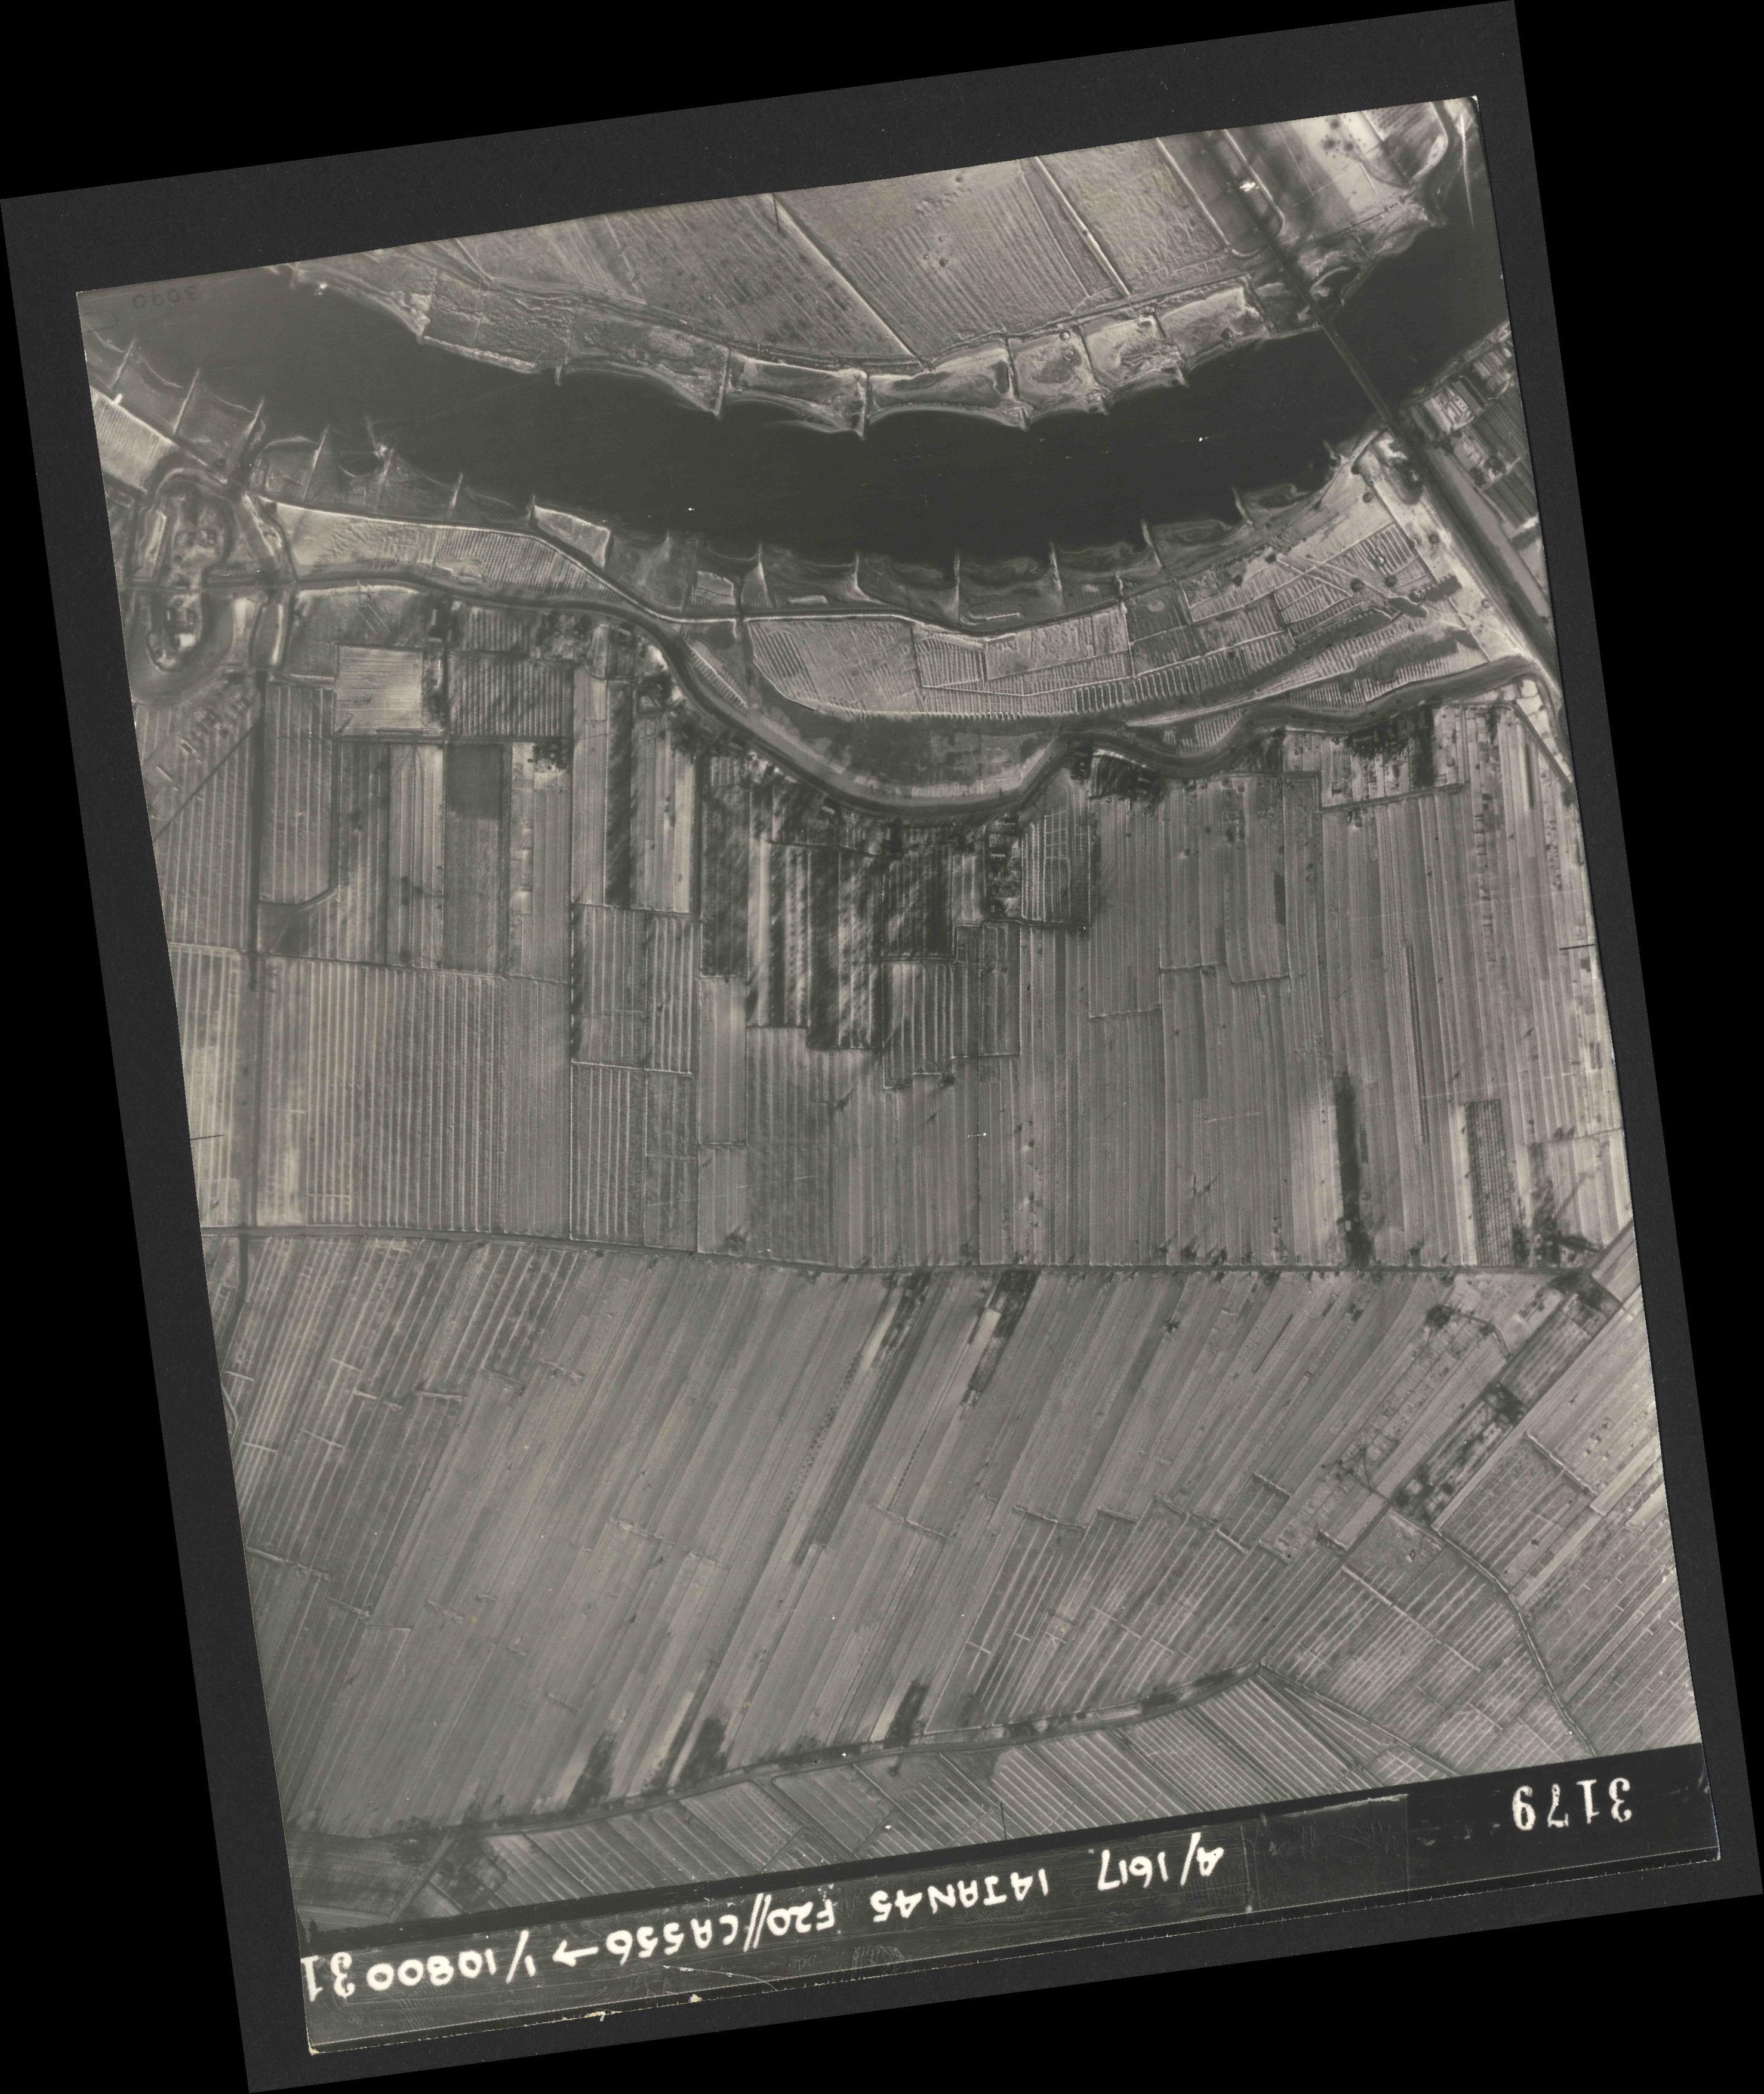 Collection RAF aerial photos 1940-1945 - flight 060, run 03, photo 3179